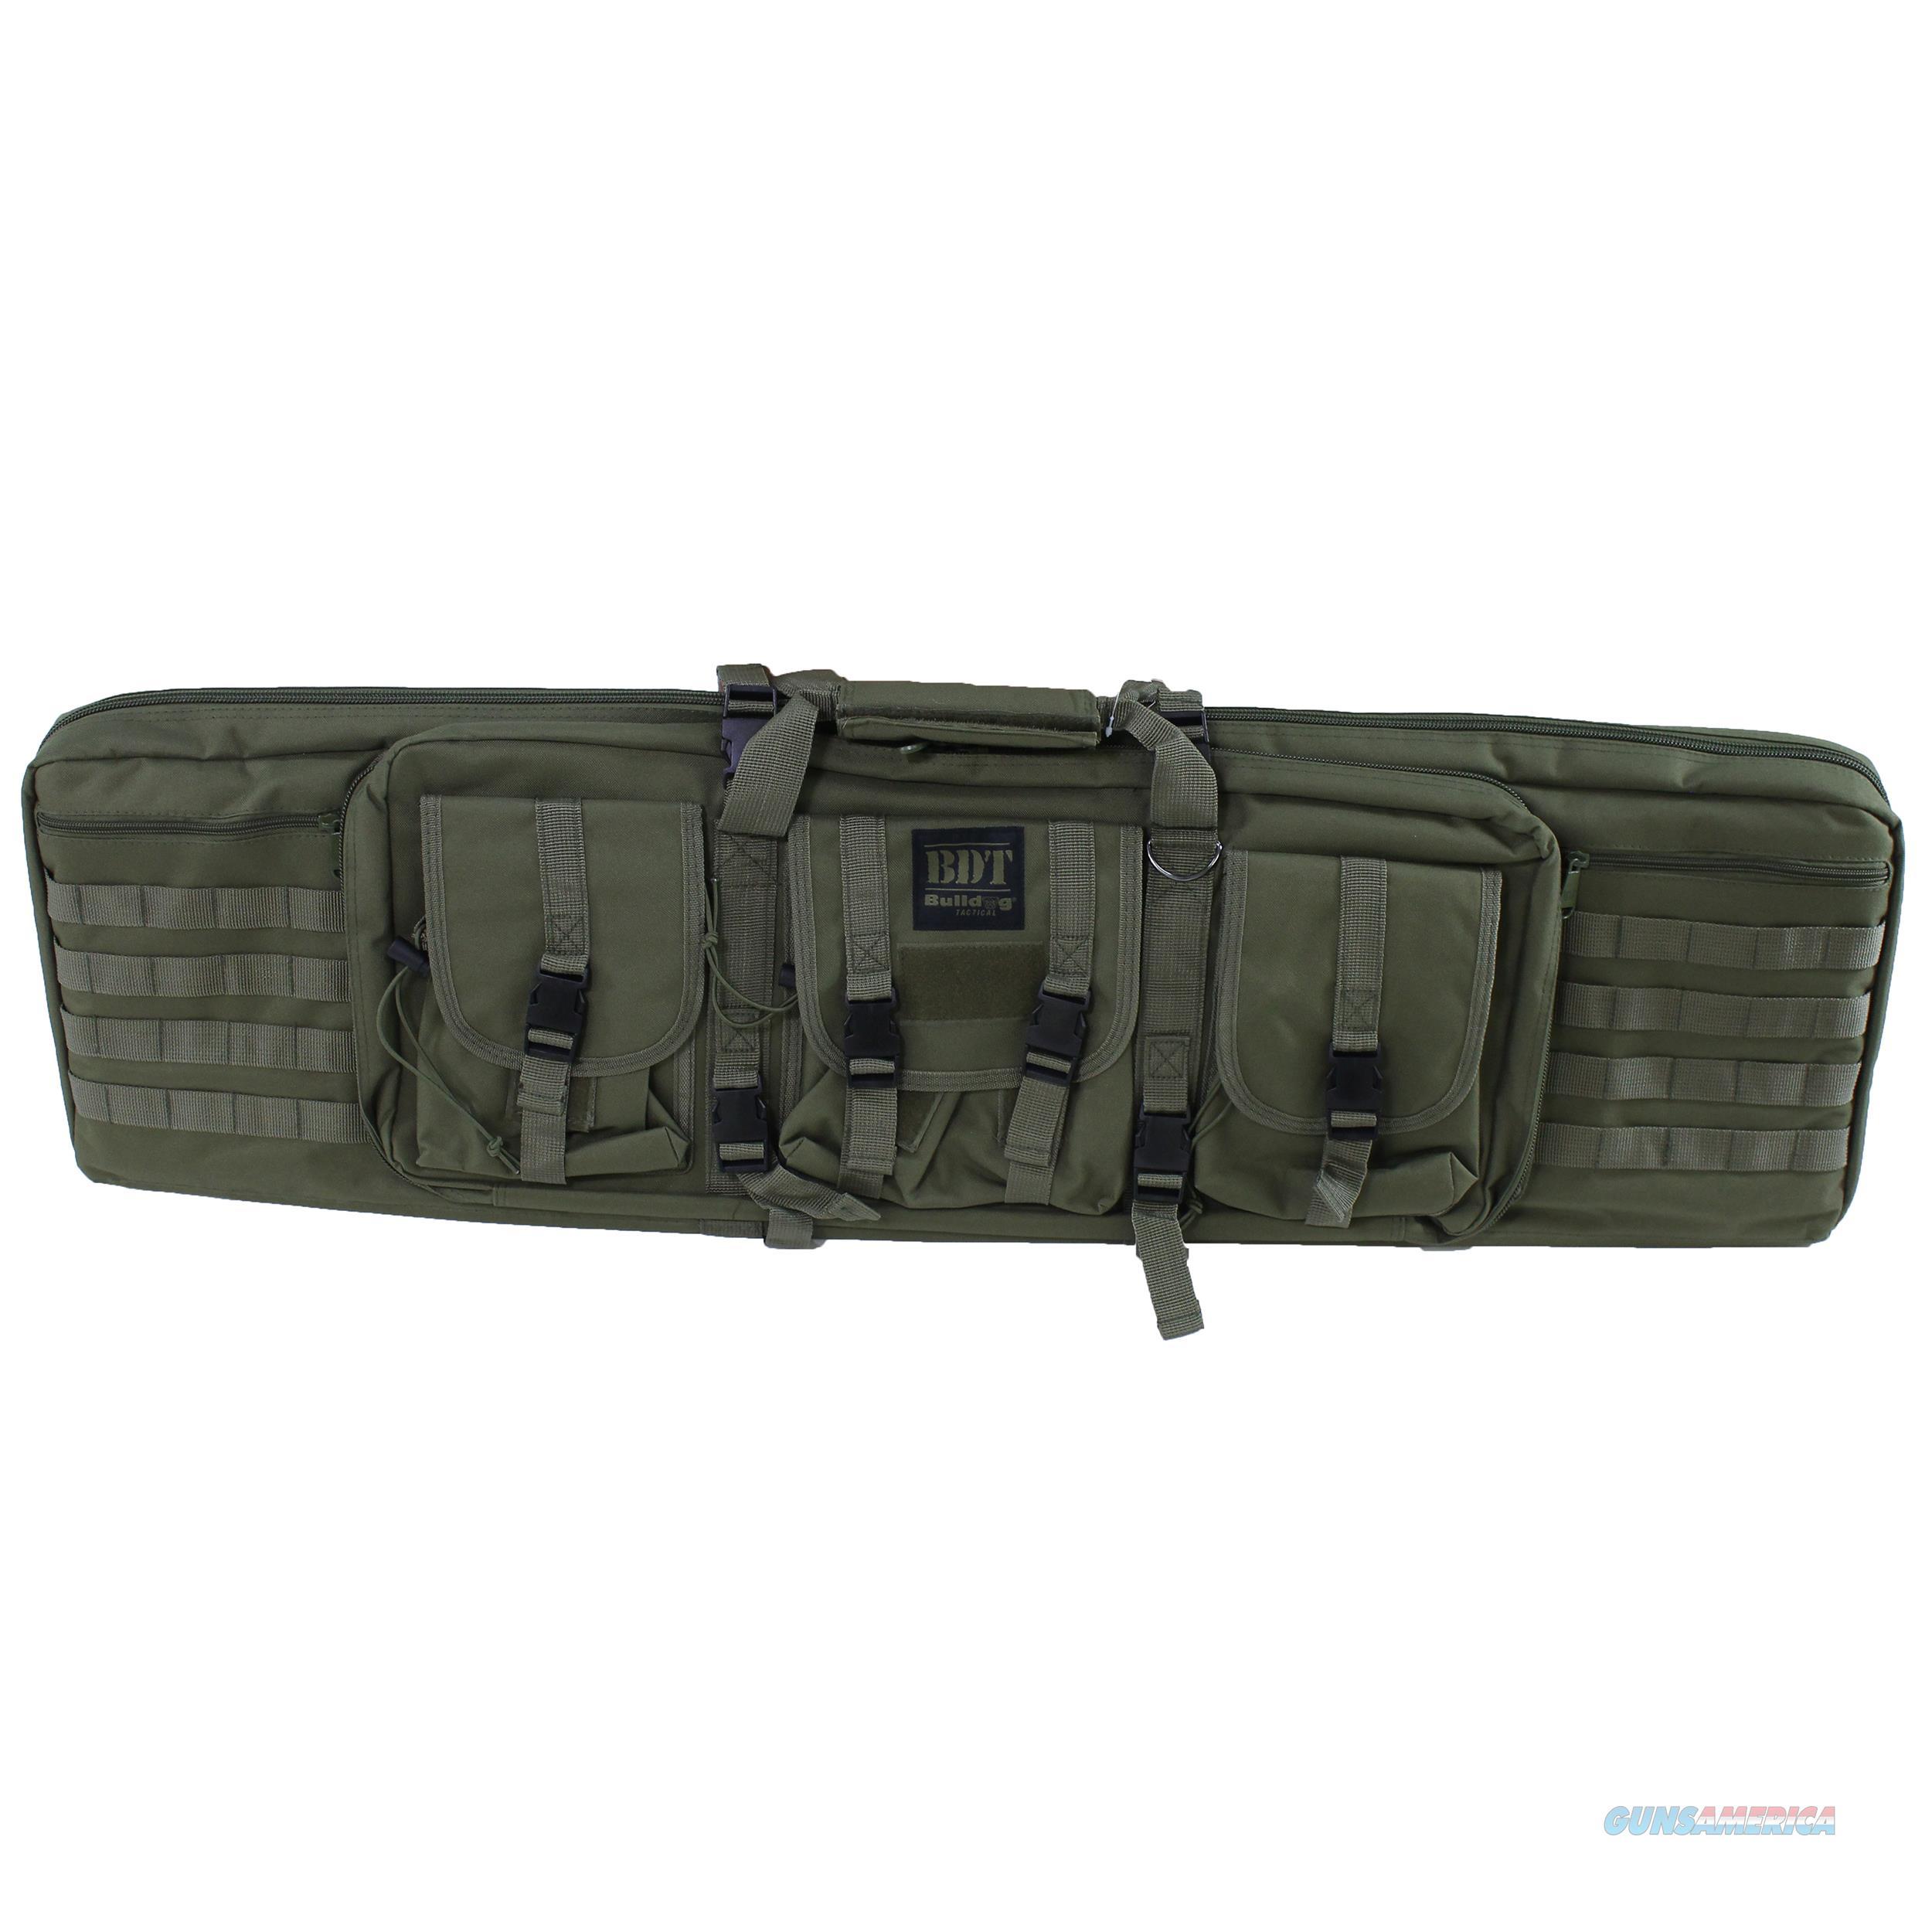 Bulldog Cases Single Tactical Rifle BDT40-43G  Non-Guns > Gun Cases